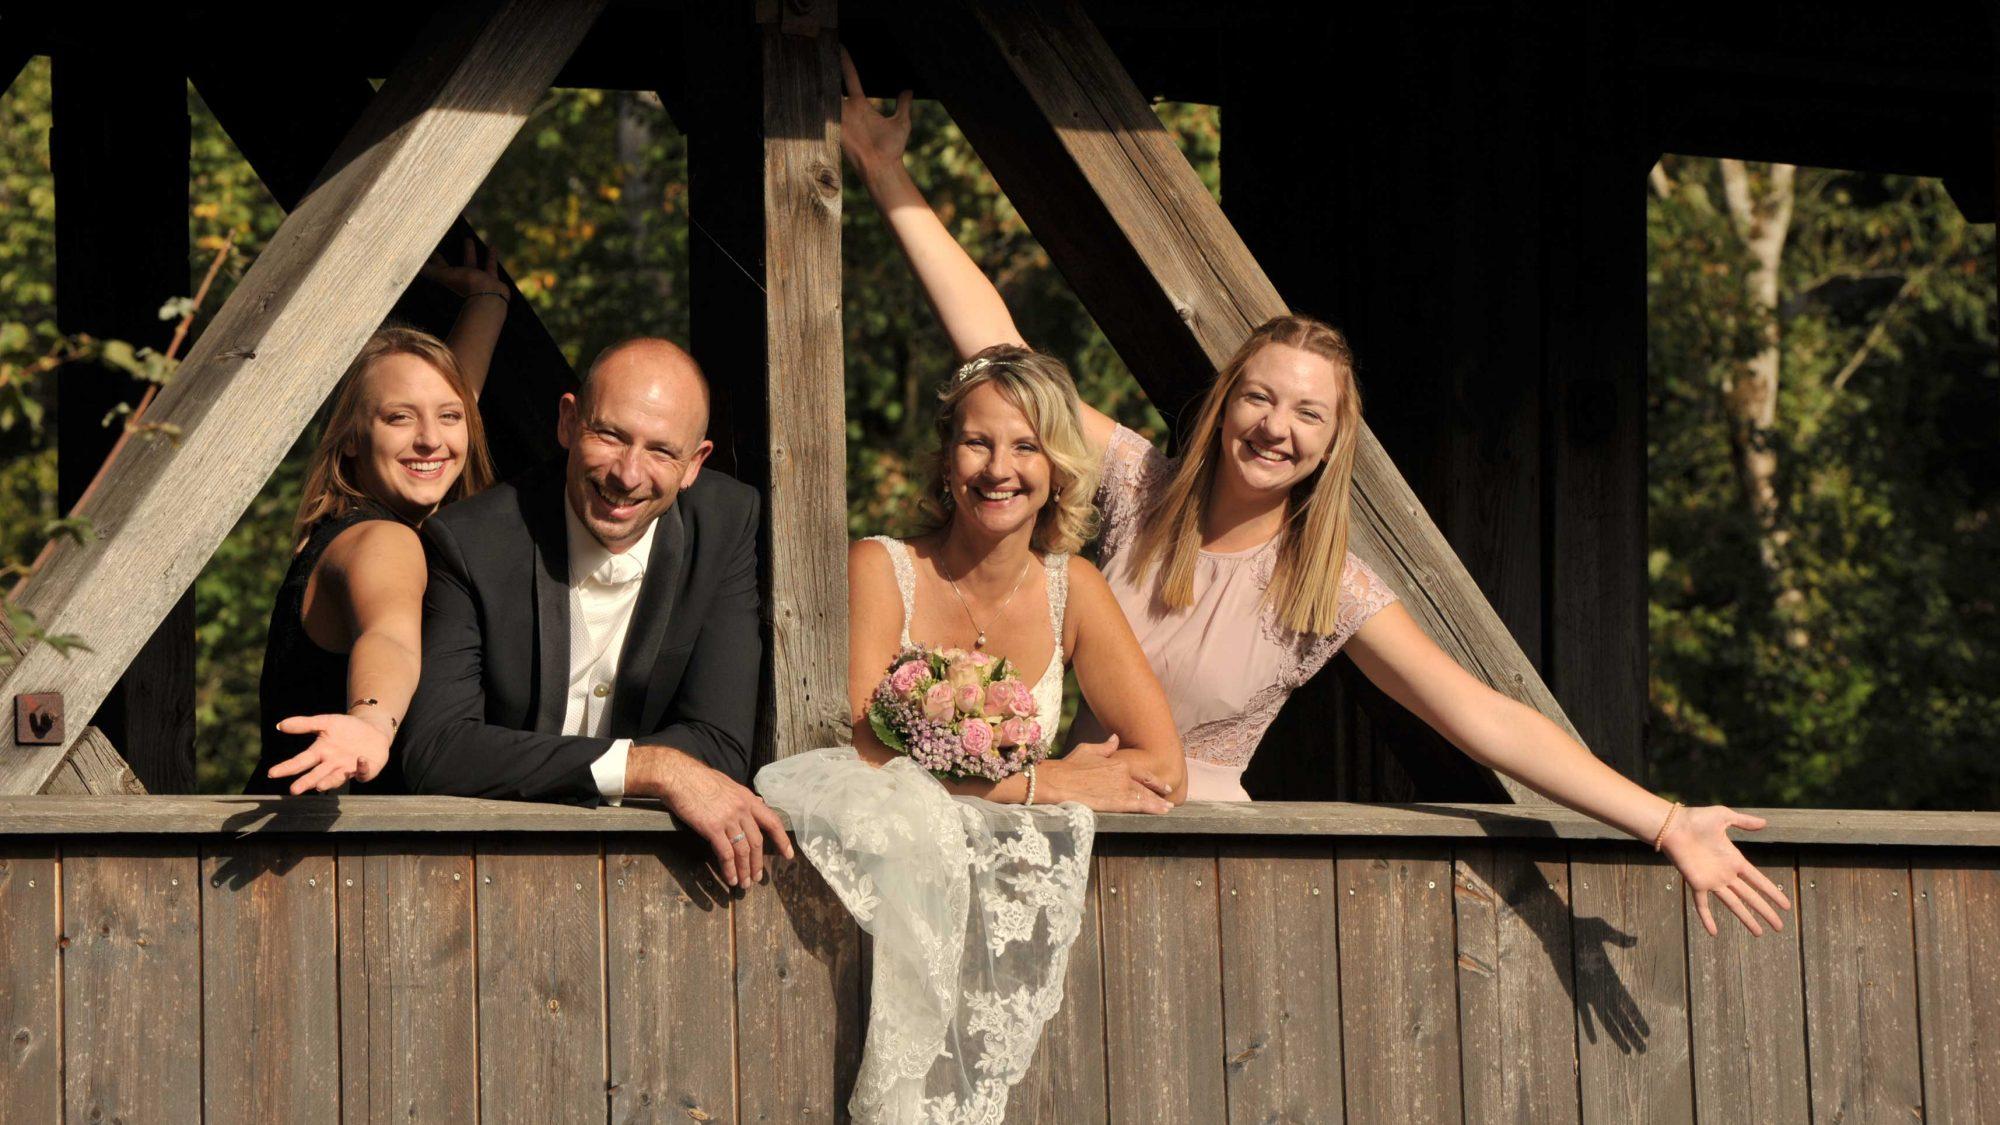 Brustkrebs: Die ehemalige Patientin Carina Bürgin mit ihrem Ehemann und ihren beiden Töchtern.